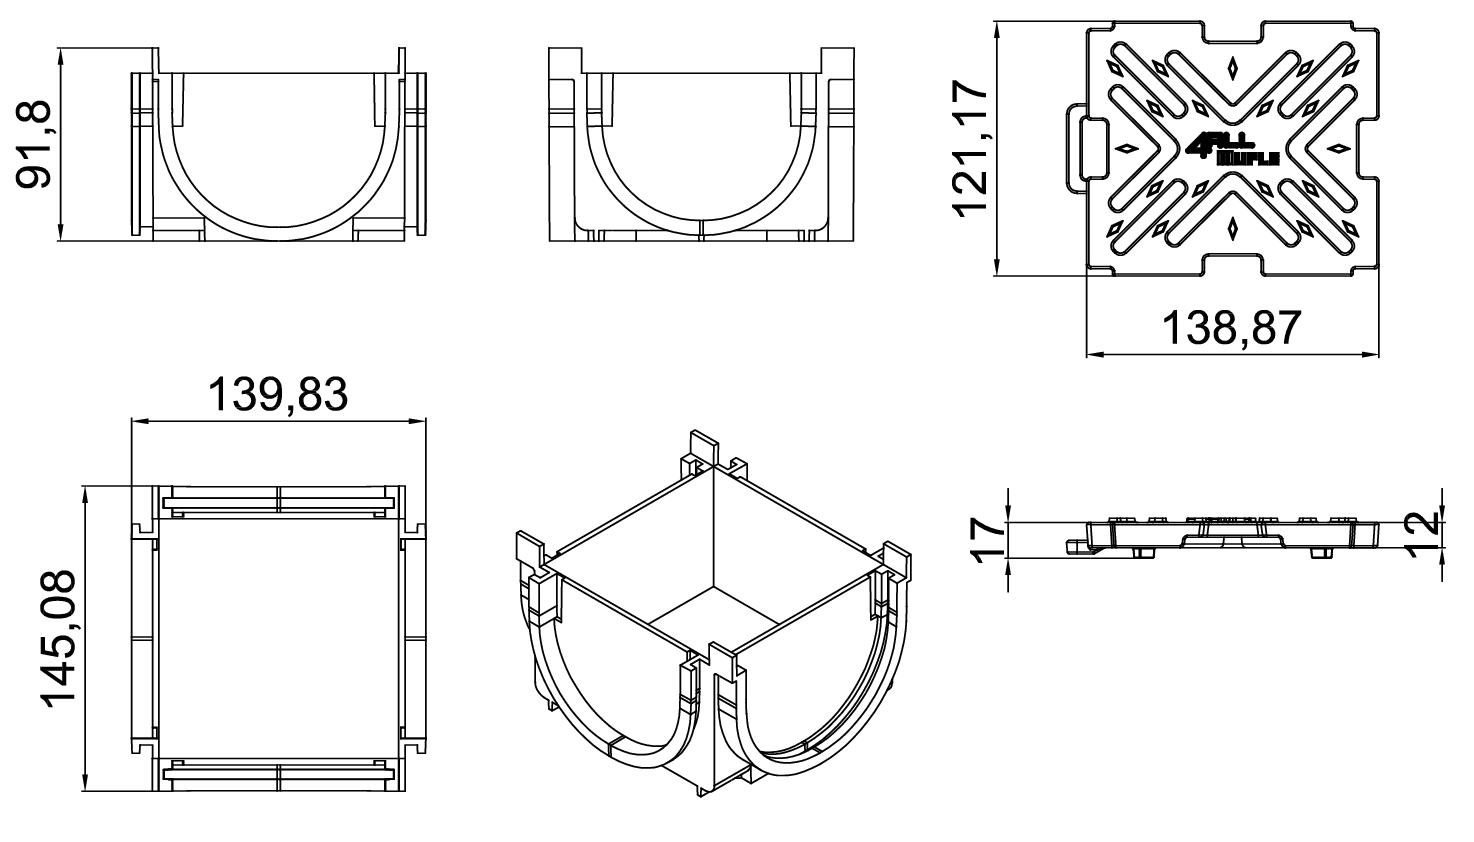 Esquema técnico da esquina para o canal MUFLE 4ALL 100 em polietileno de alta densidade (HDPE) negro, de L145 A120 H92, com grelha passarela em fundição classe de carga B125.